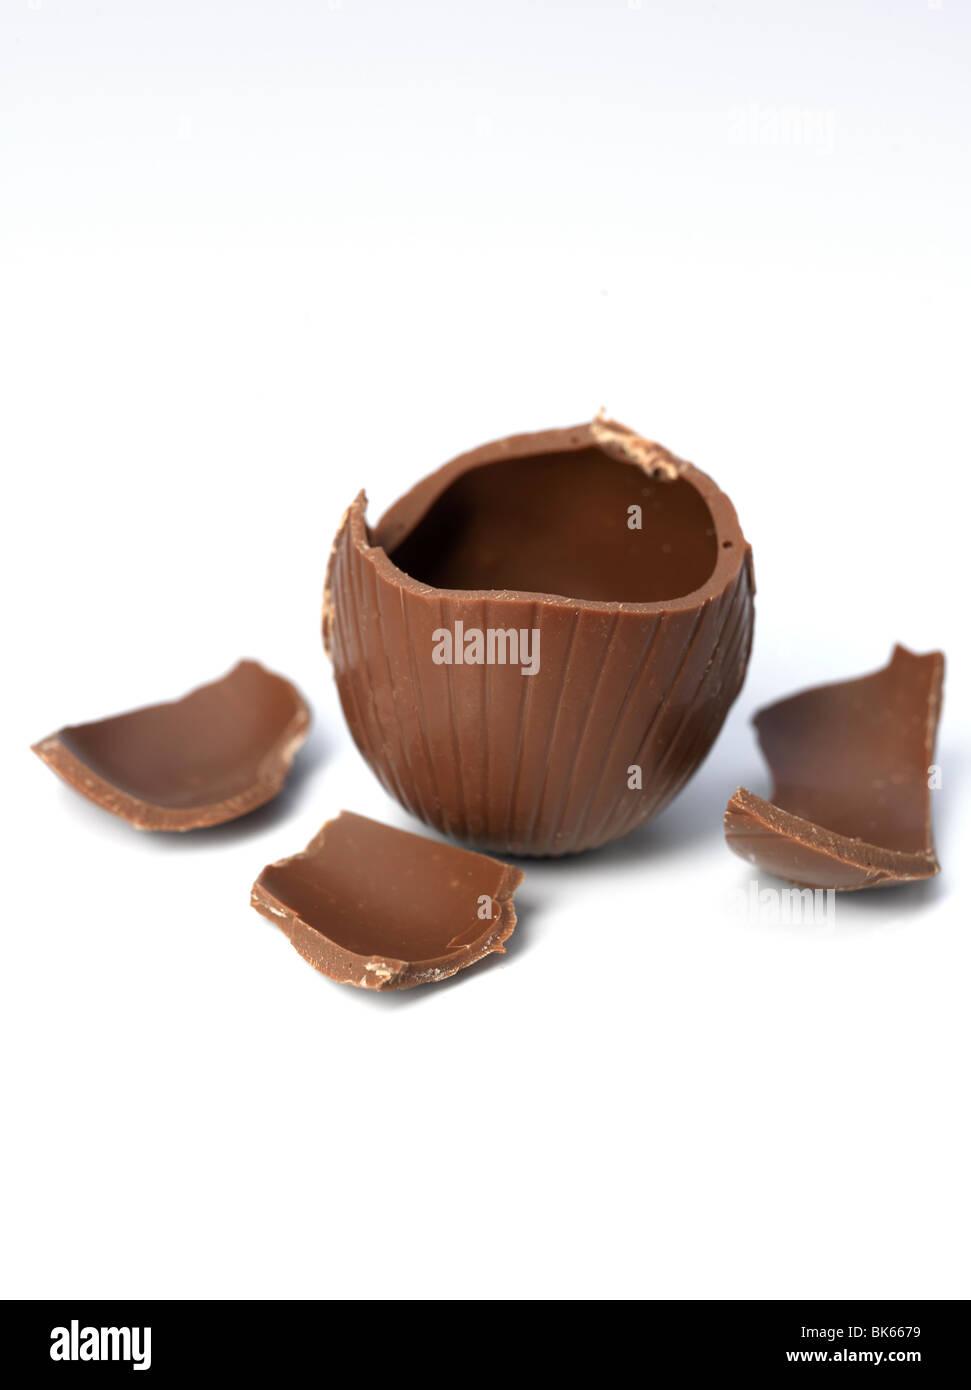 Huevo de chocolate rotos. Imagen De Stock